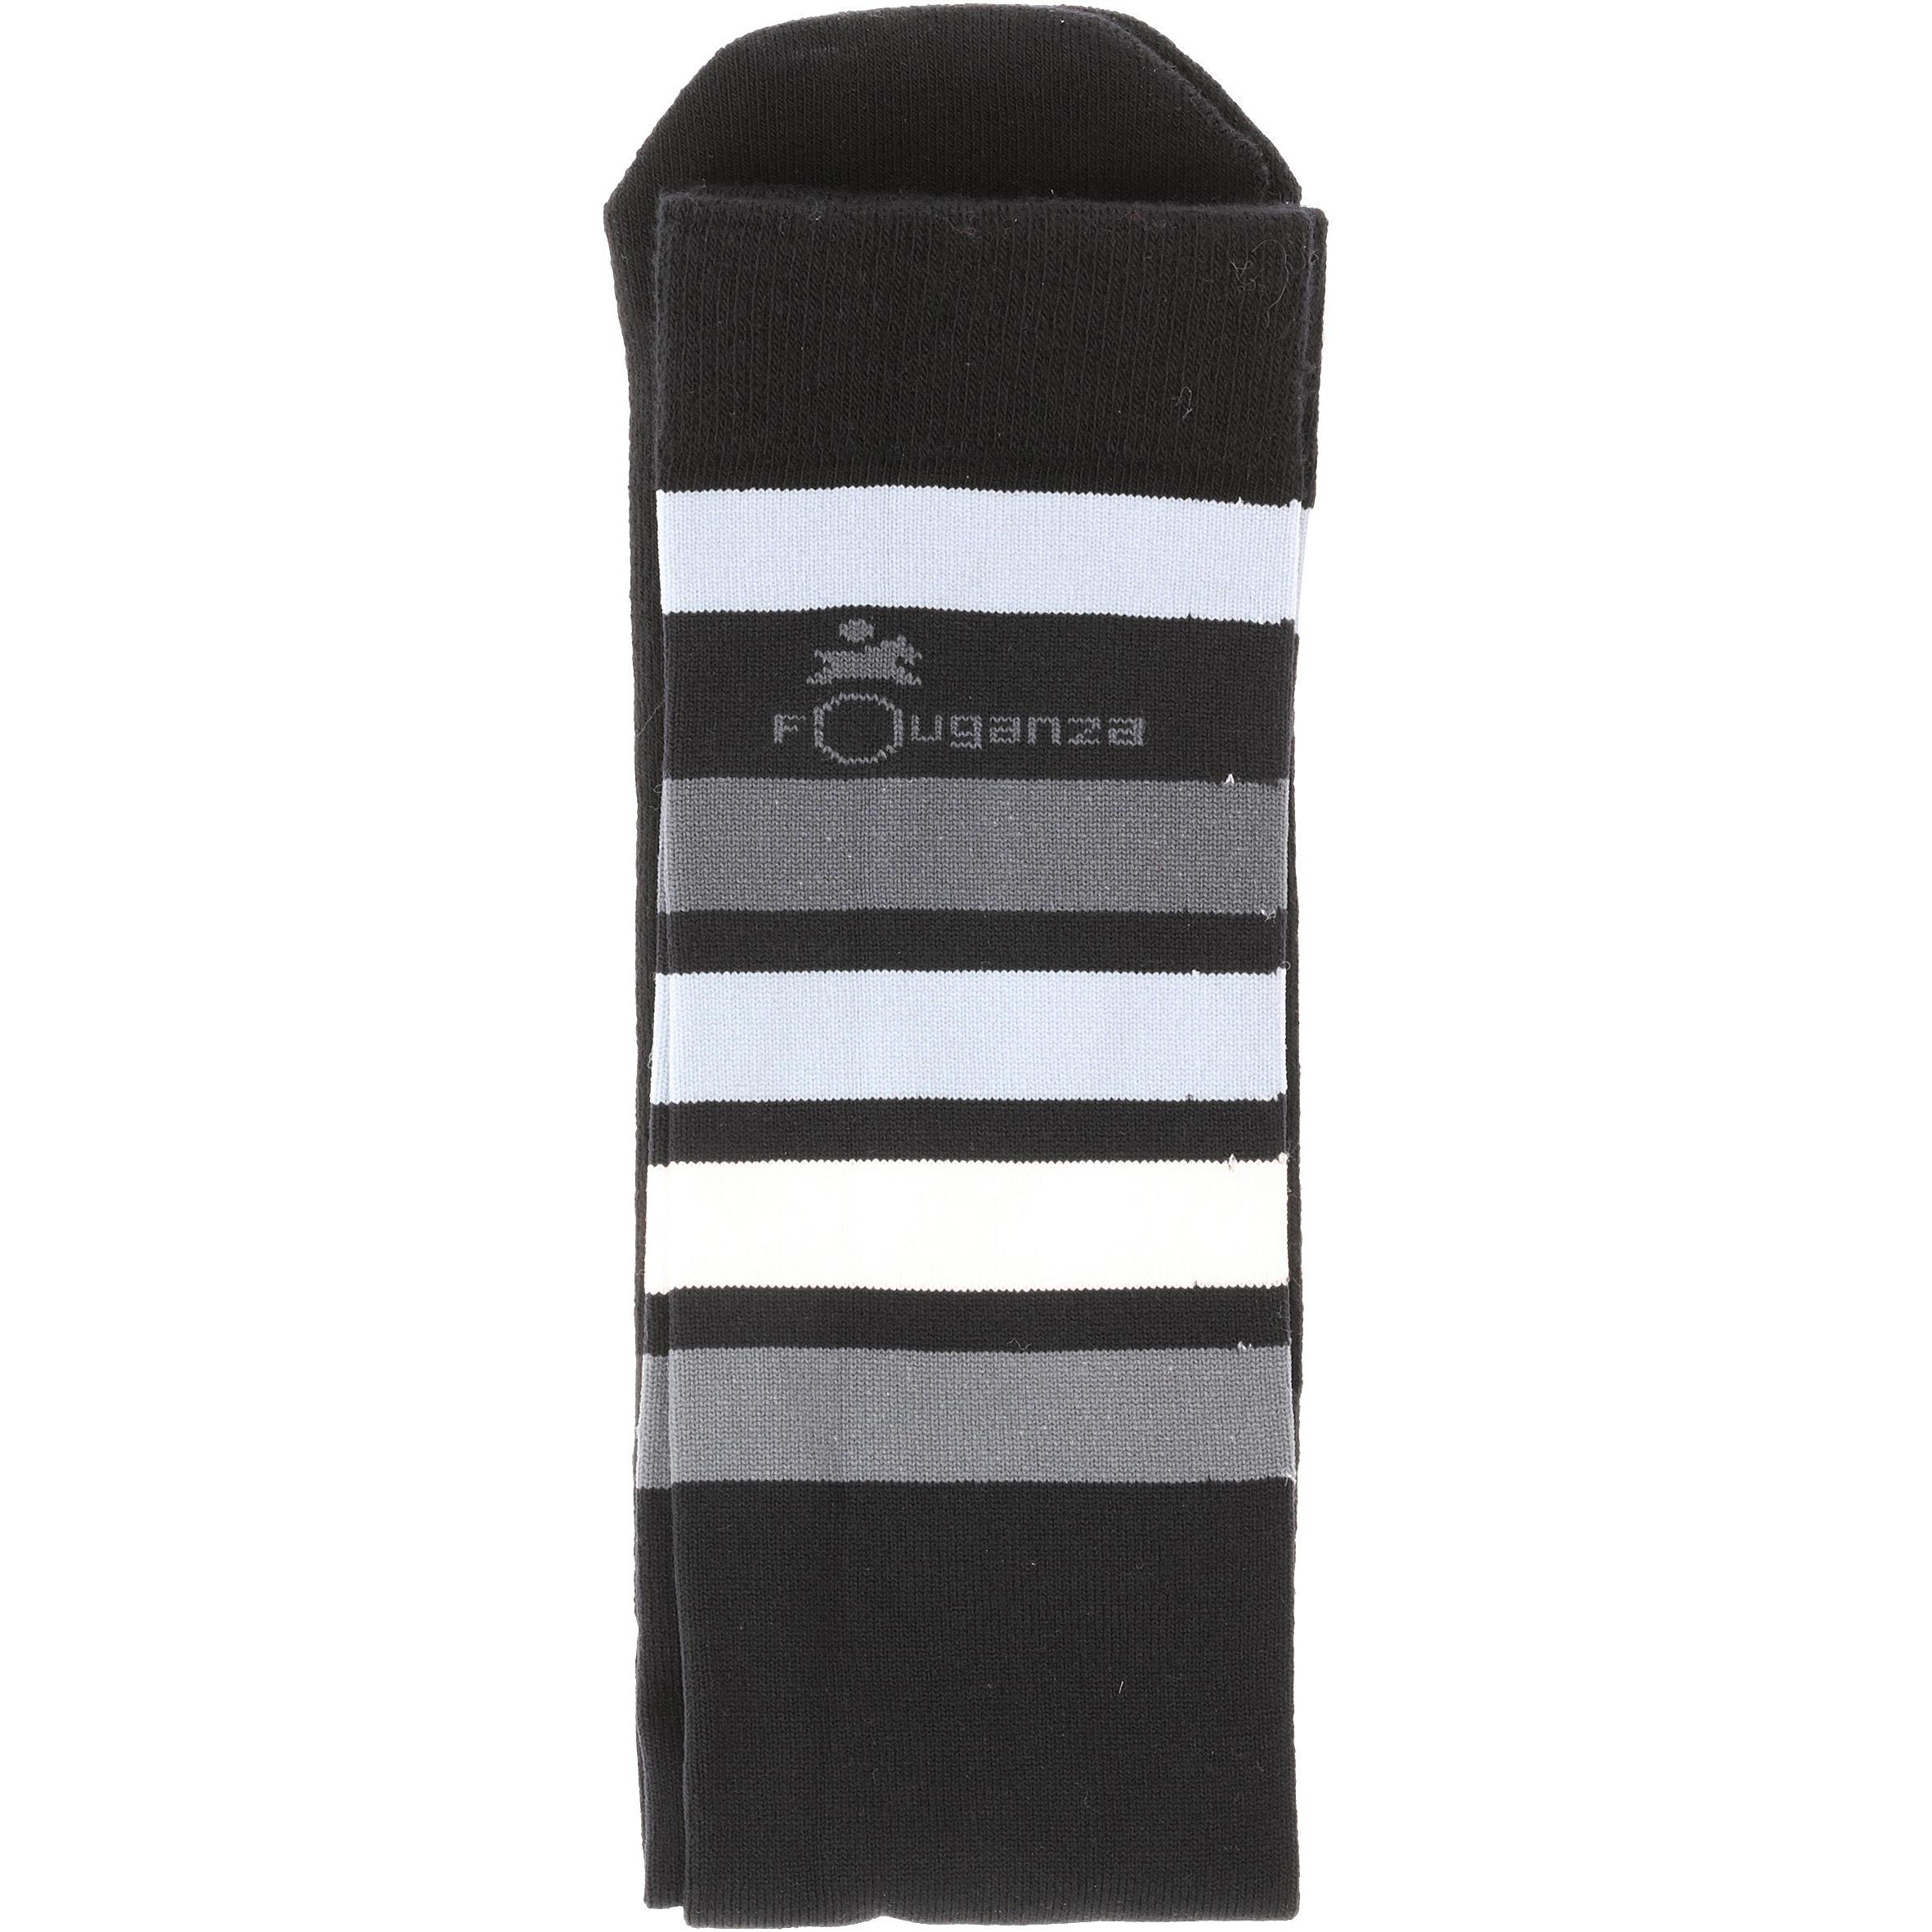 Chaussettes d'équitation adulte BASIC noires rayures grises X1 paire